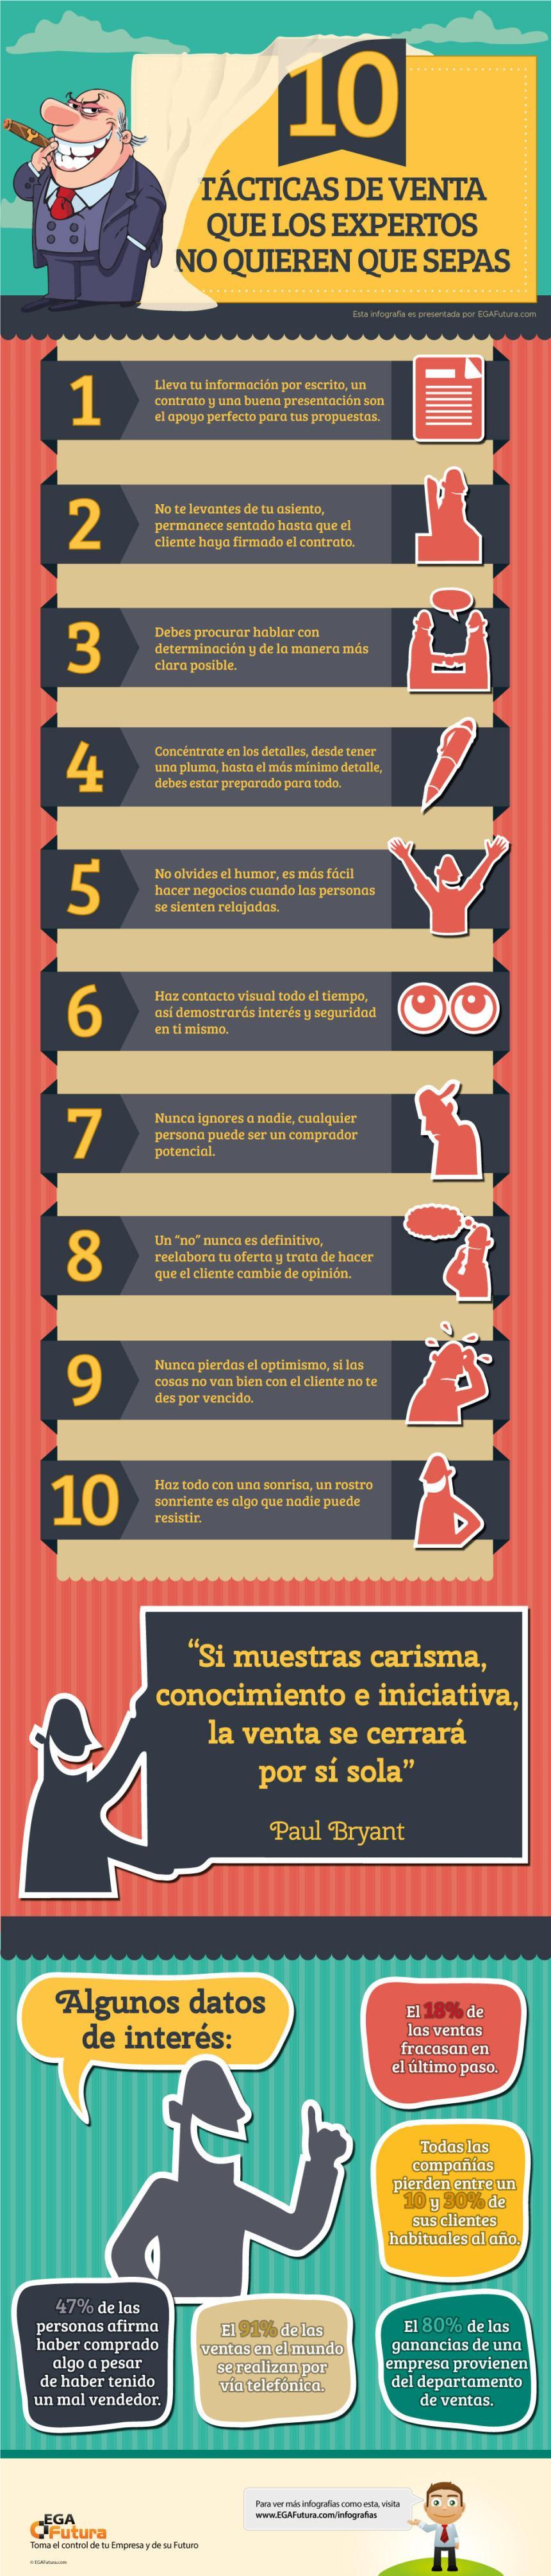 10 tácticas de venta que los expertos no quieres que conozcas